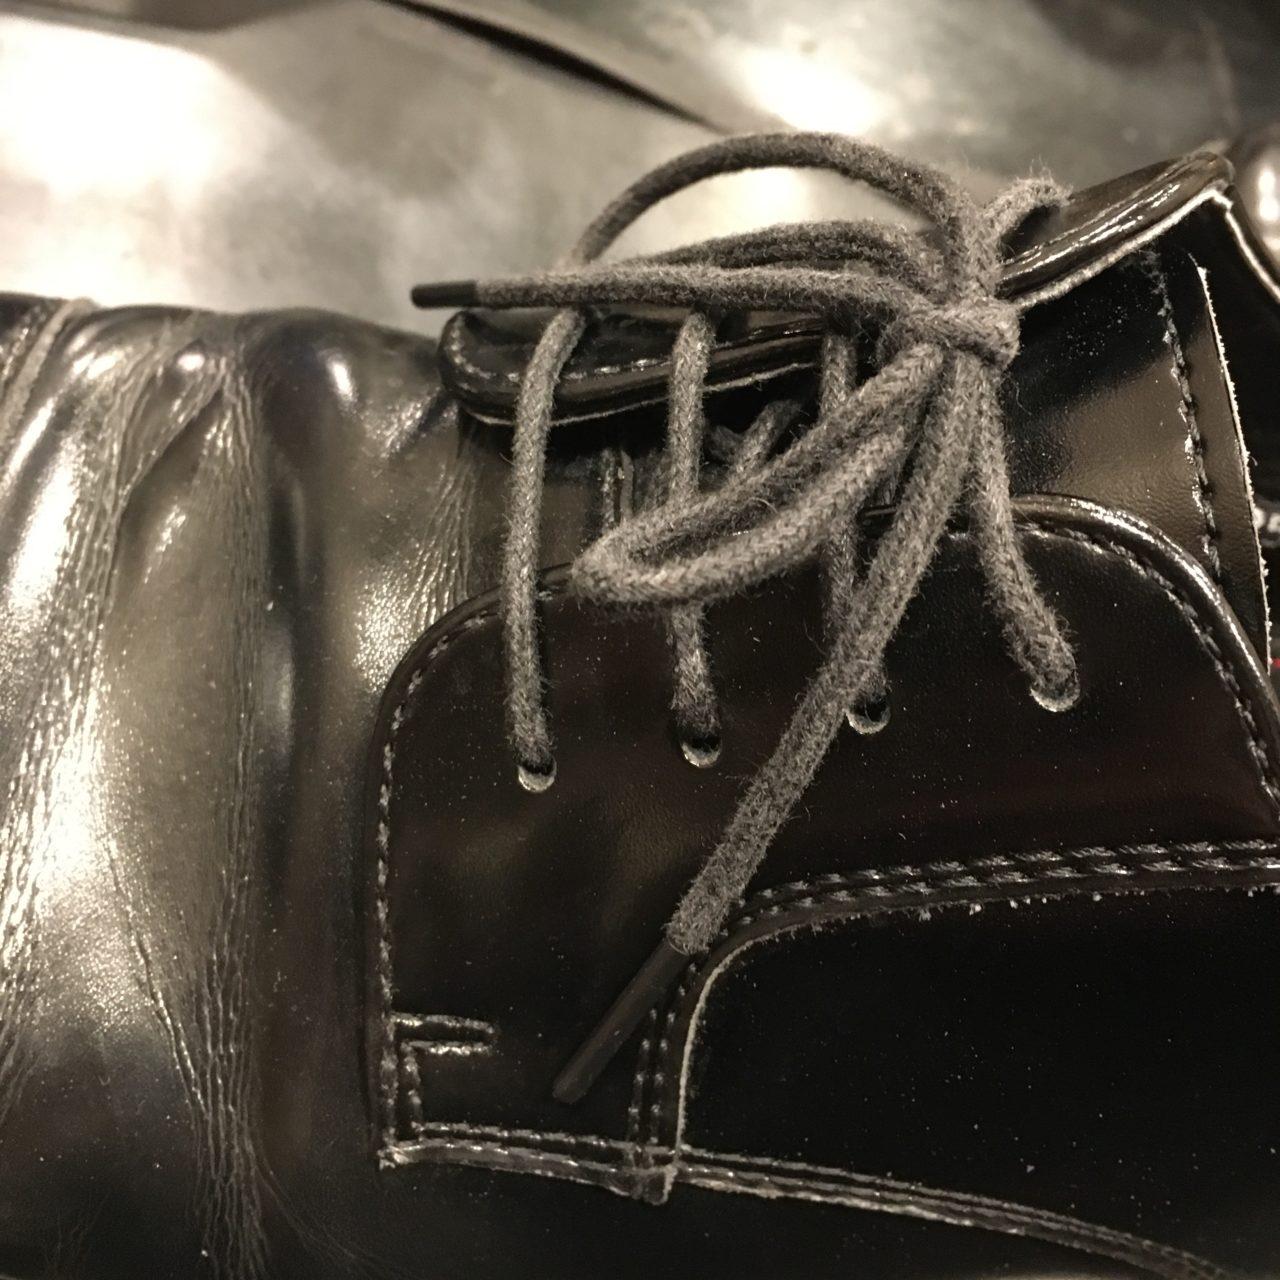 靴紐交換をすれば靴の魅力もグッと高まります!